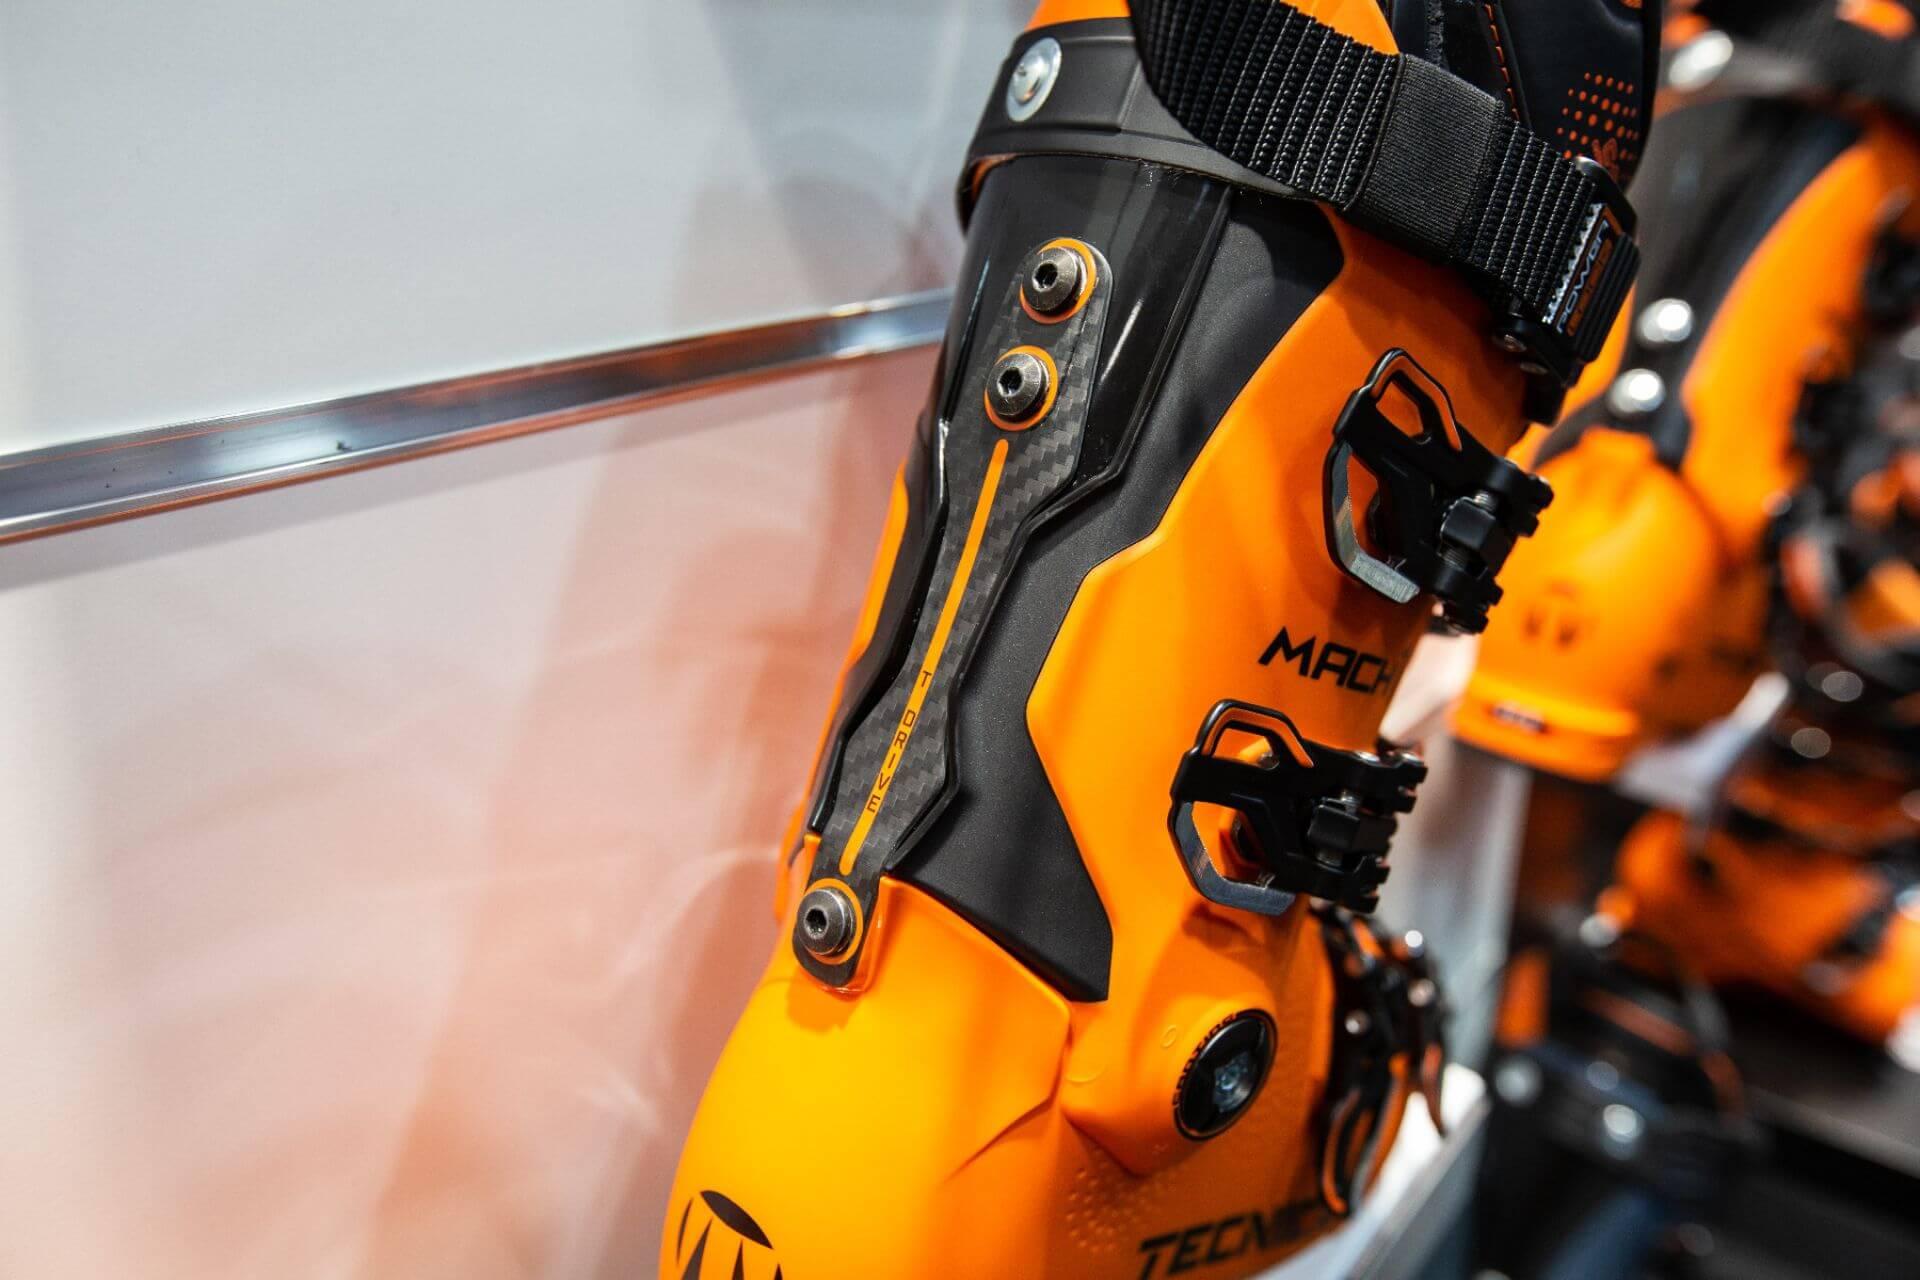 Tecnica hat den Mach1 mit einem versteifenden Carbon-Band auf der Schuhrückseite versehen, das die Kantenstabilität positiv beeinflussen soll